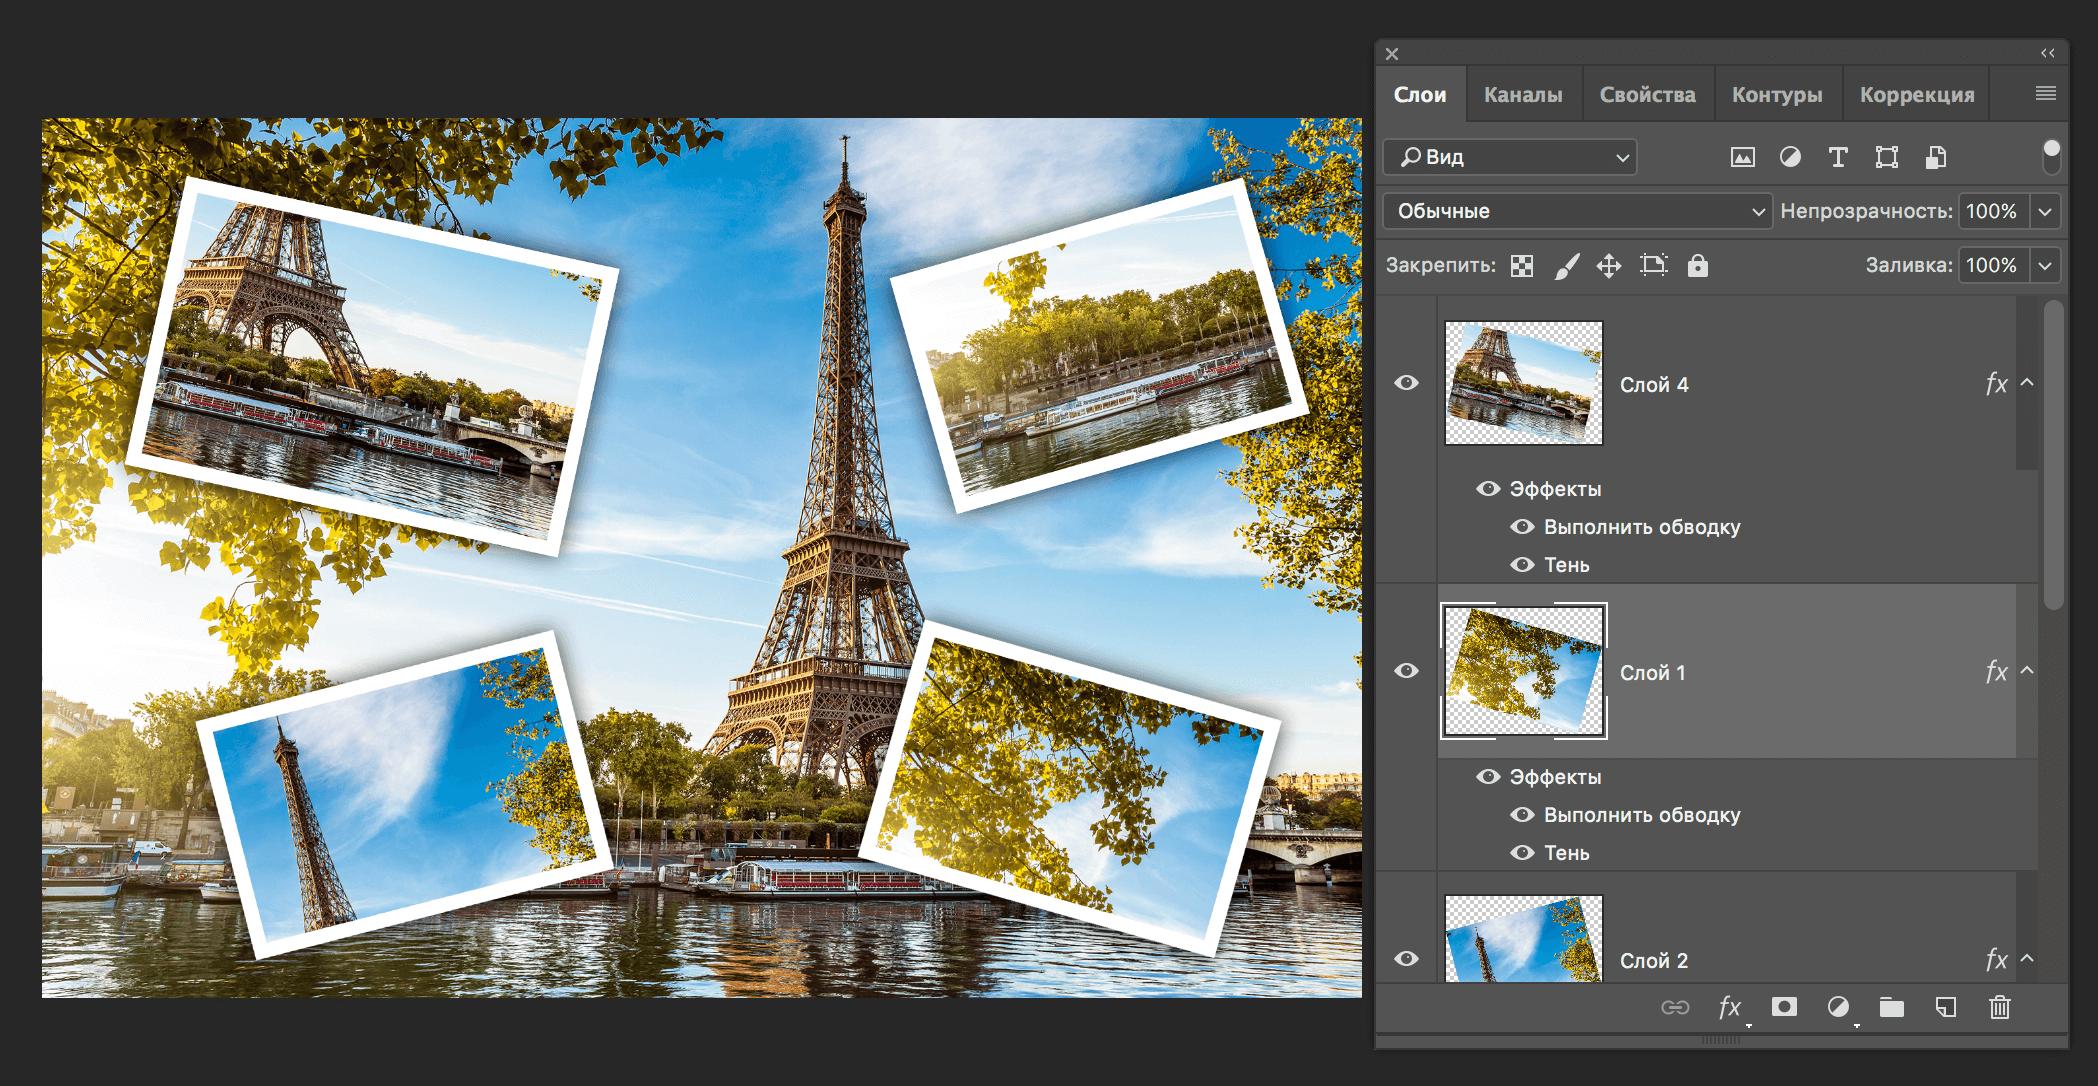 Как разделить фото на равные части в Фотошопе: результат